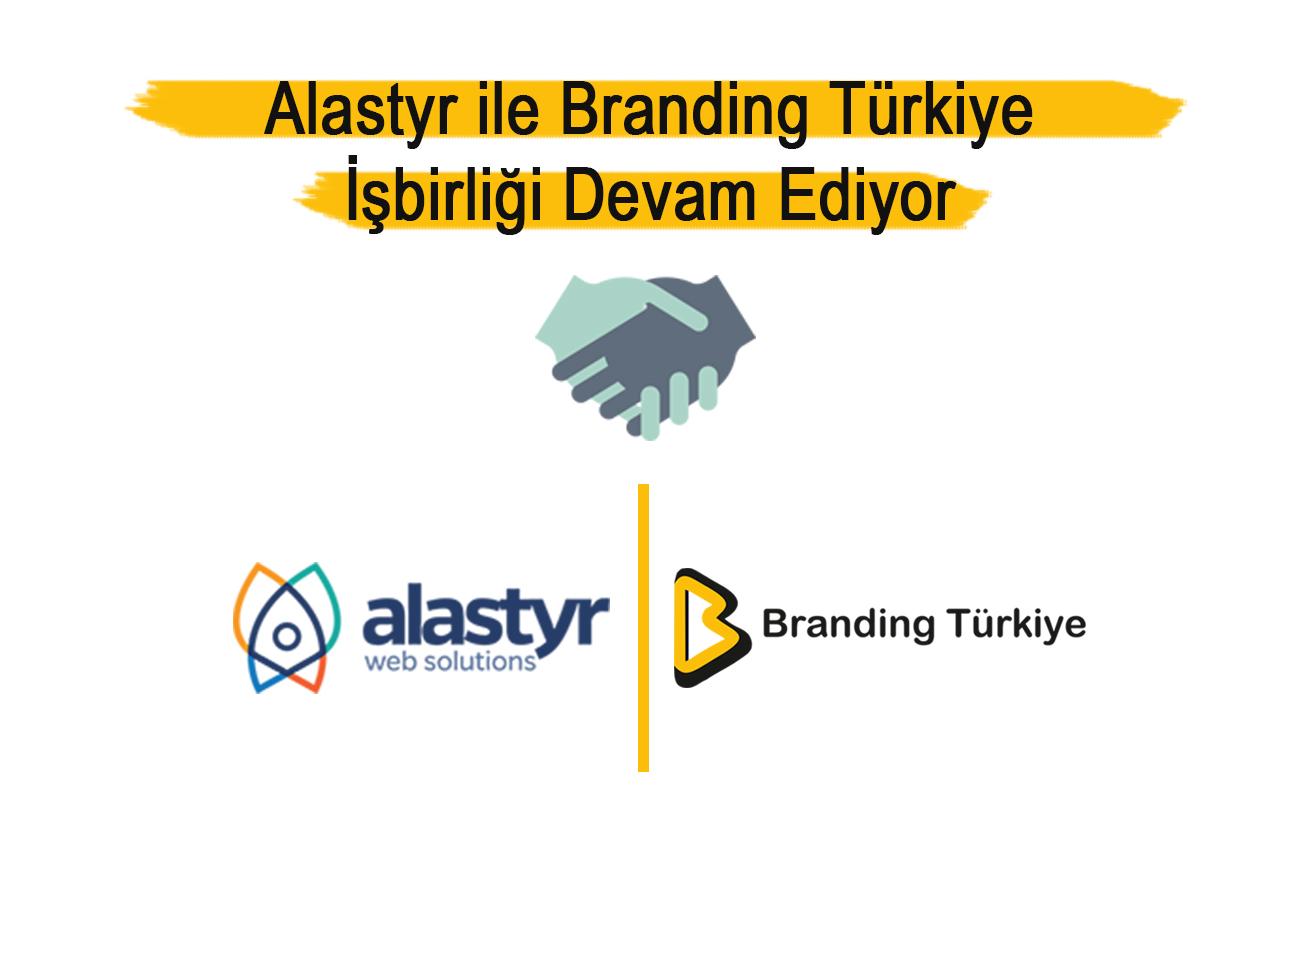 Alastyr İle Branding Türkiye İşbirliği 2. Senesinde